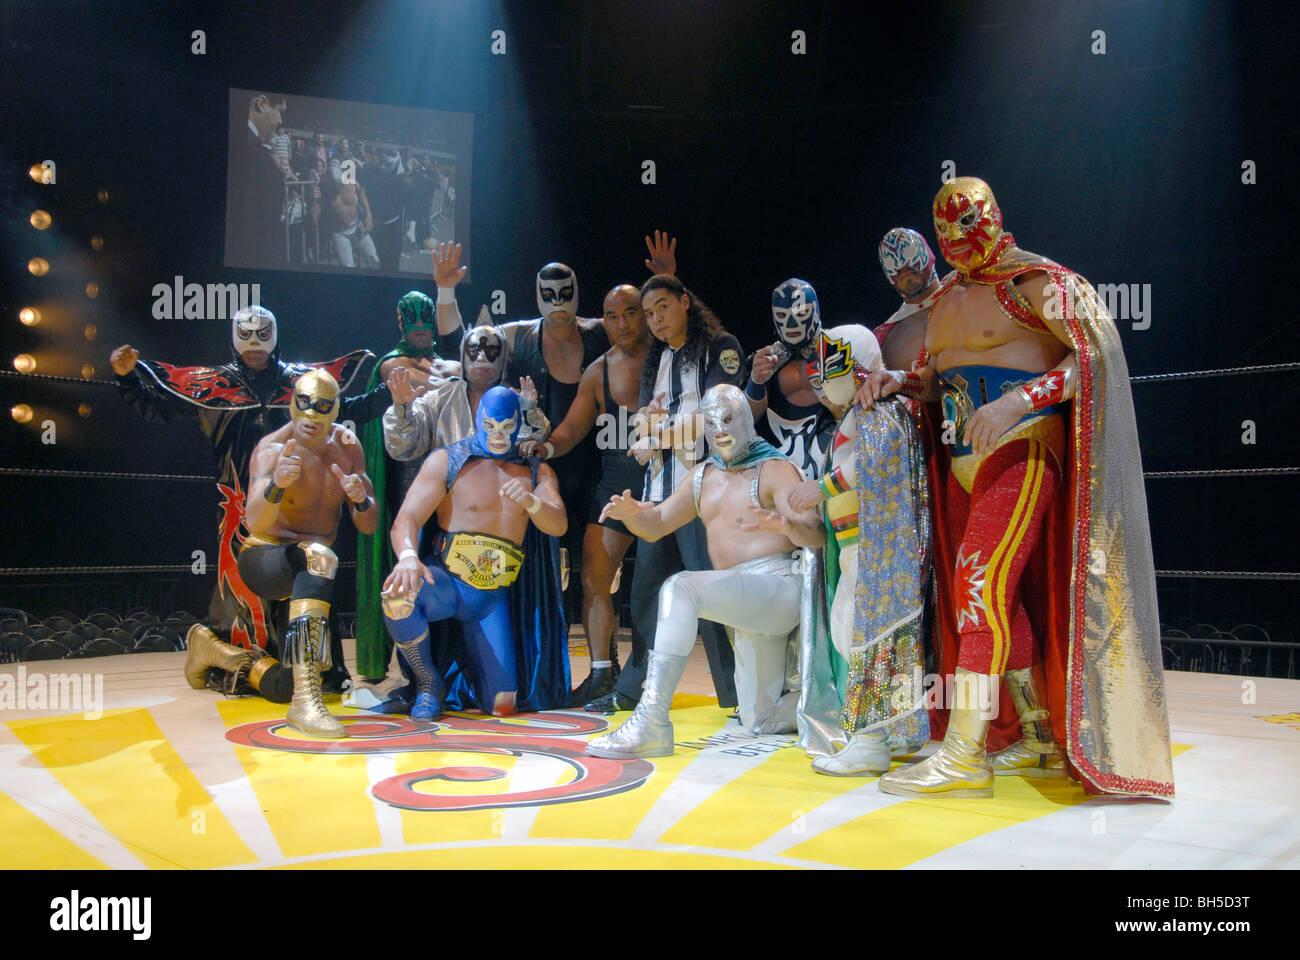 Culte mexicain de lutteurs de Lucha Libre à Mexico Photo Stock